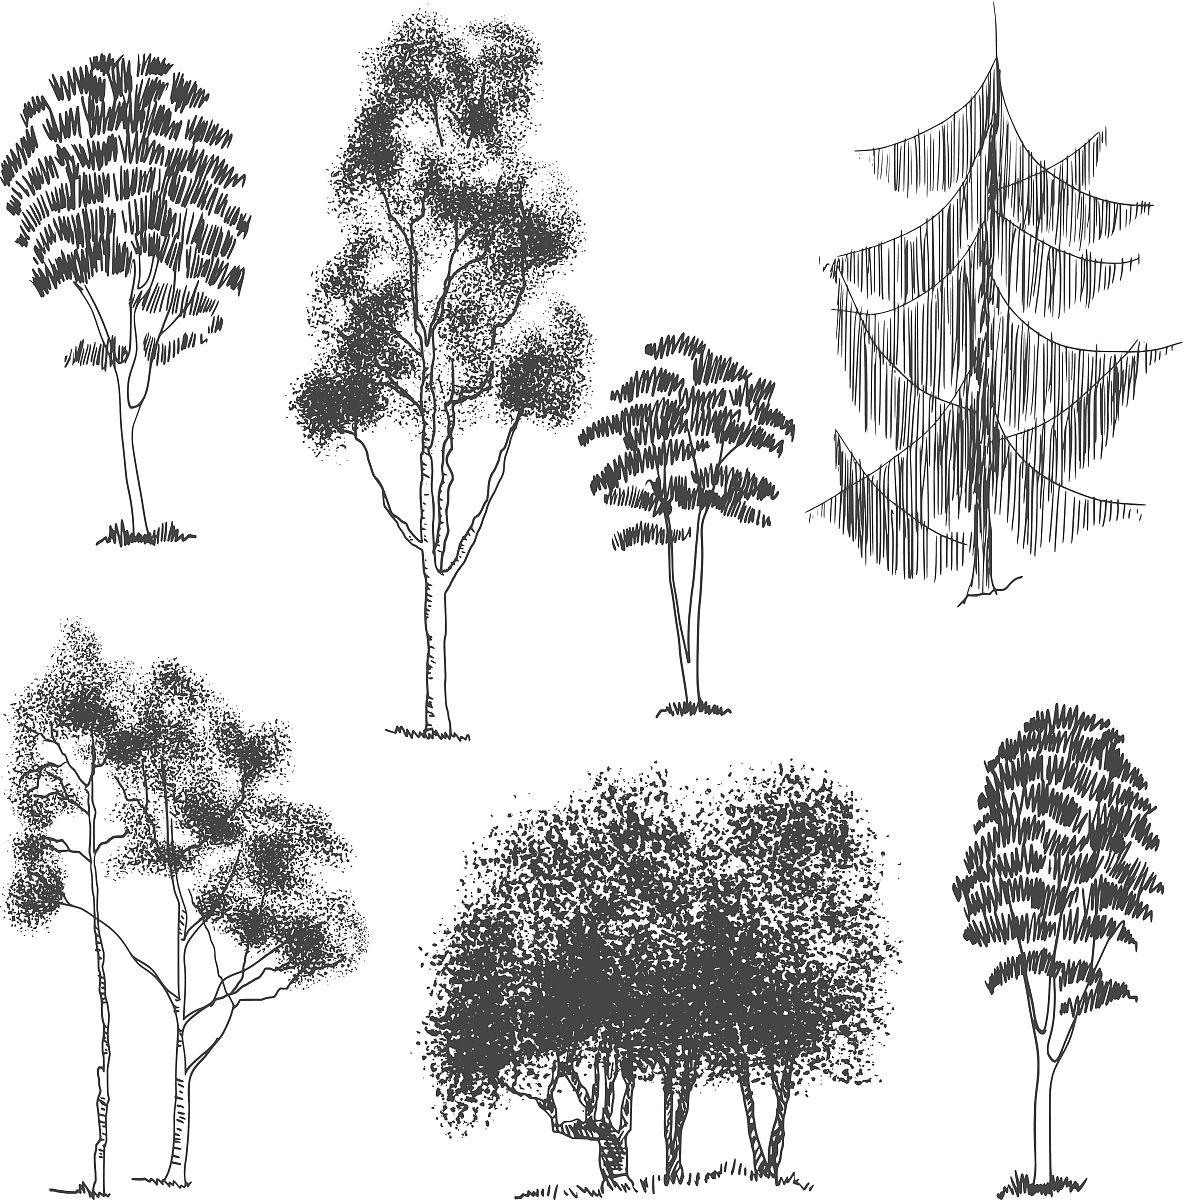 矢量手绘树木采集图片